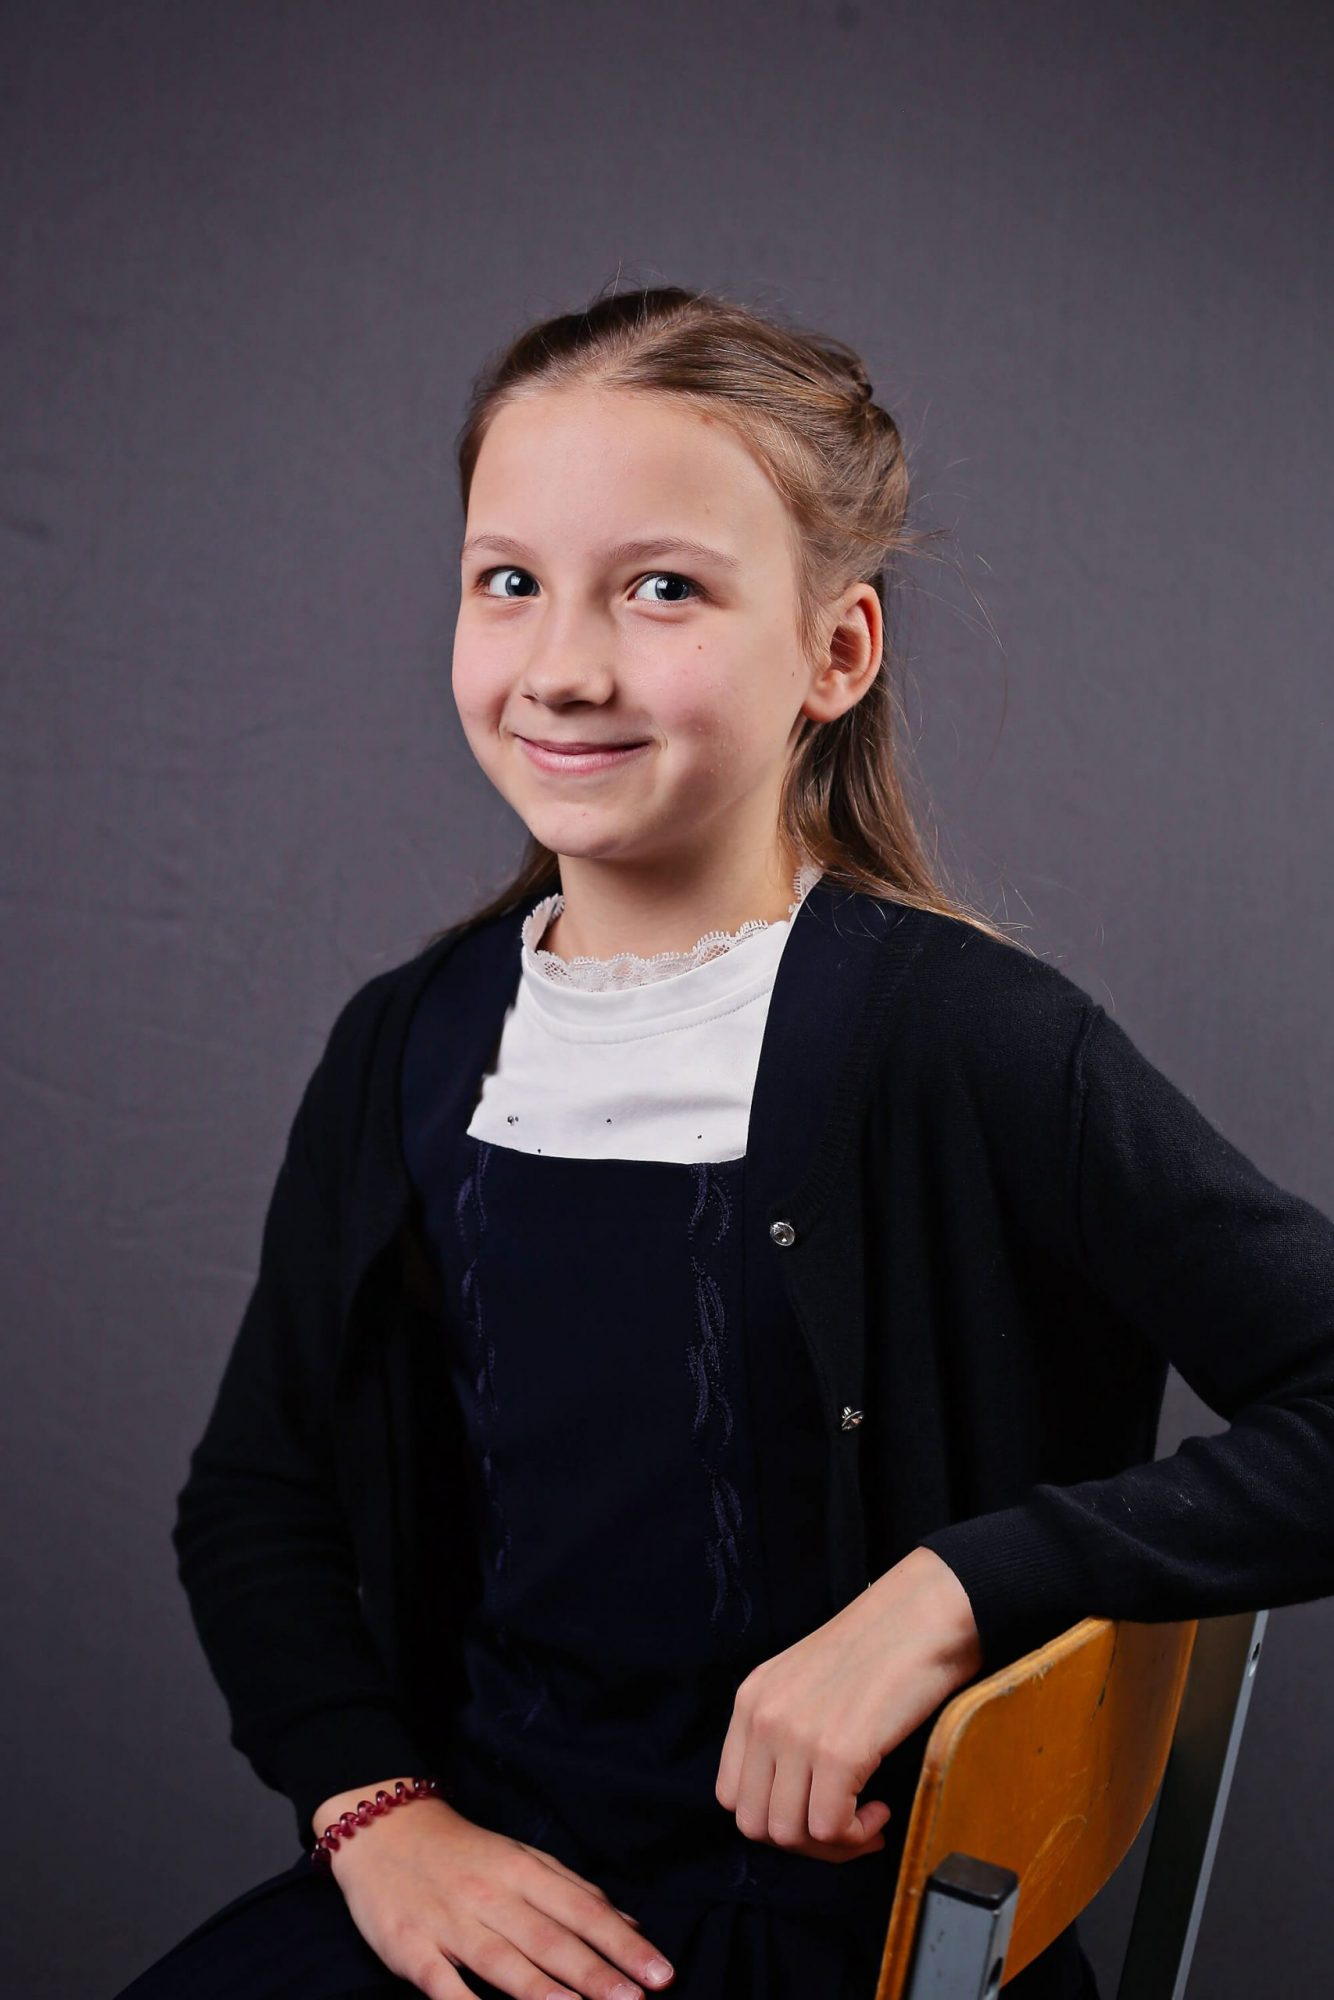 Пример школьной портретной фотосъемки на сером фоне